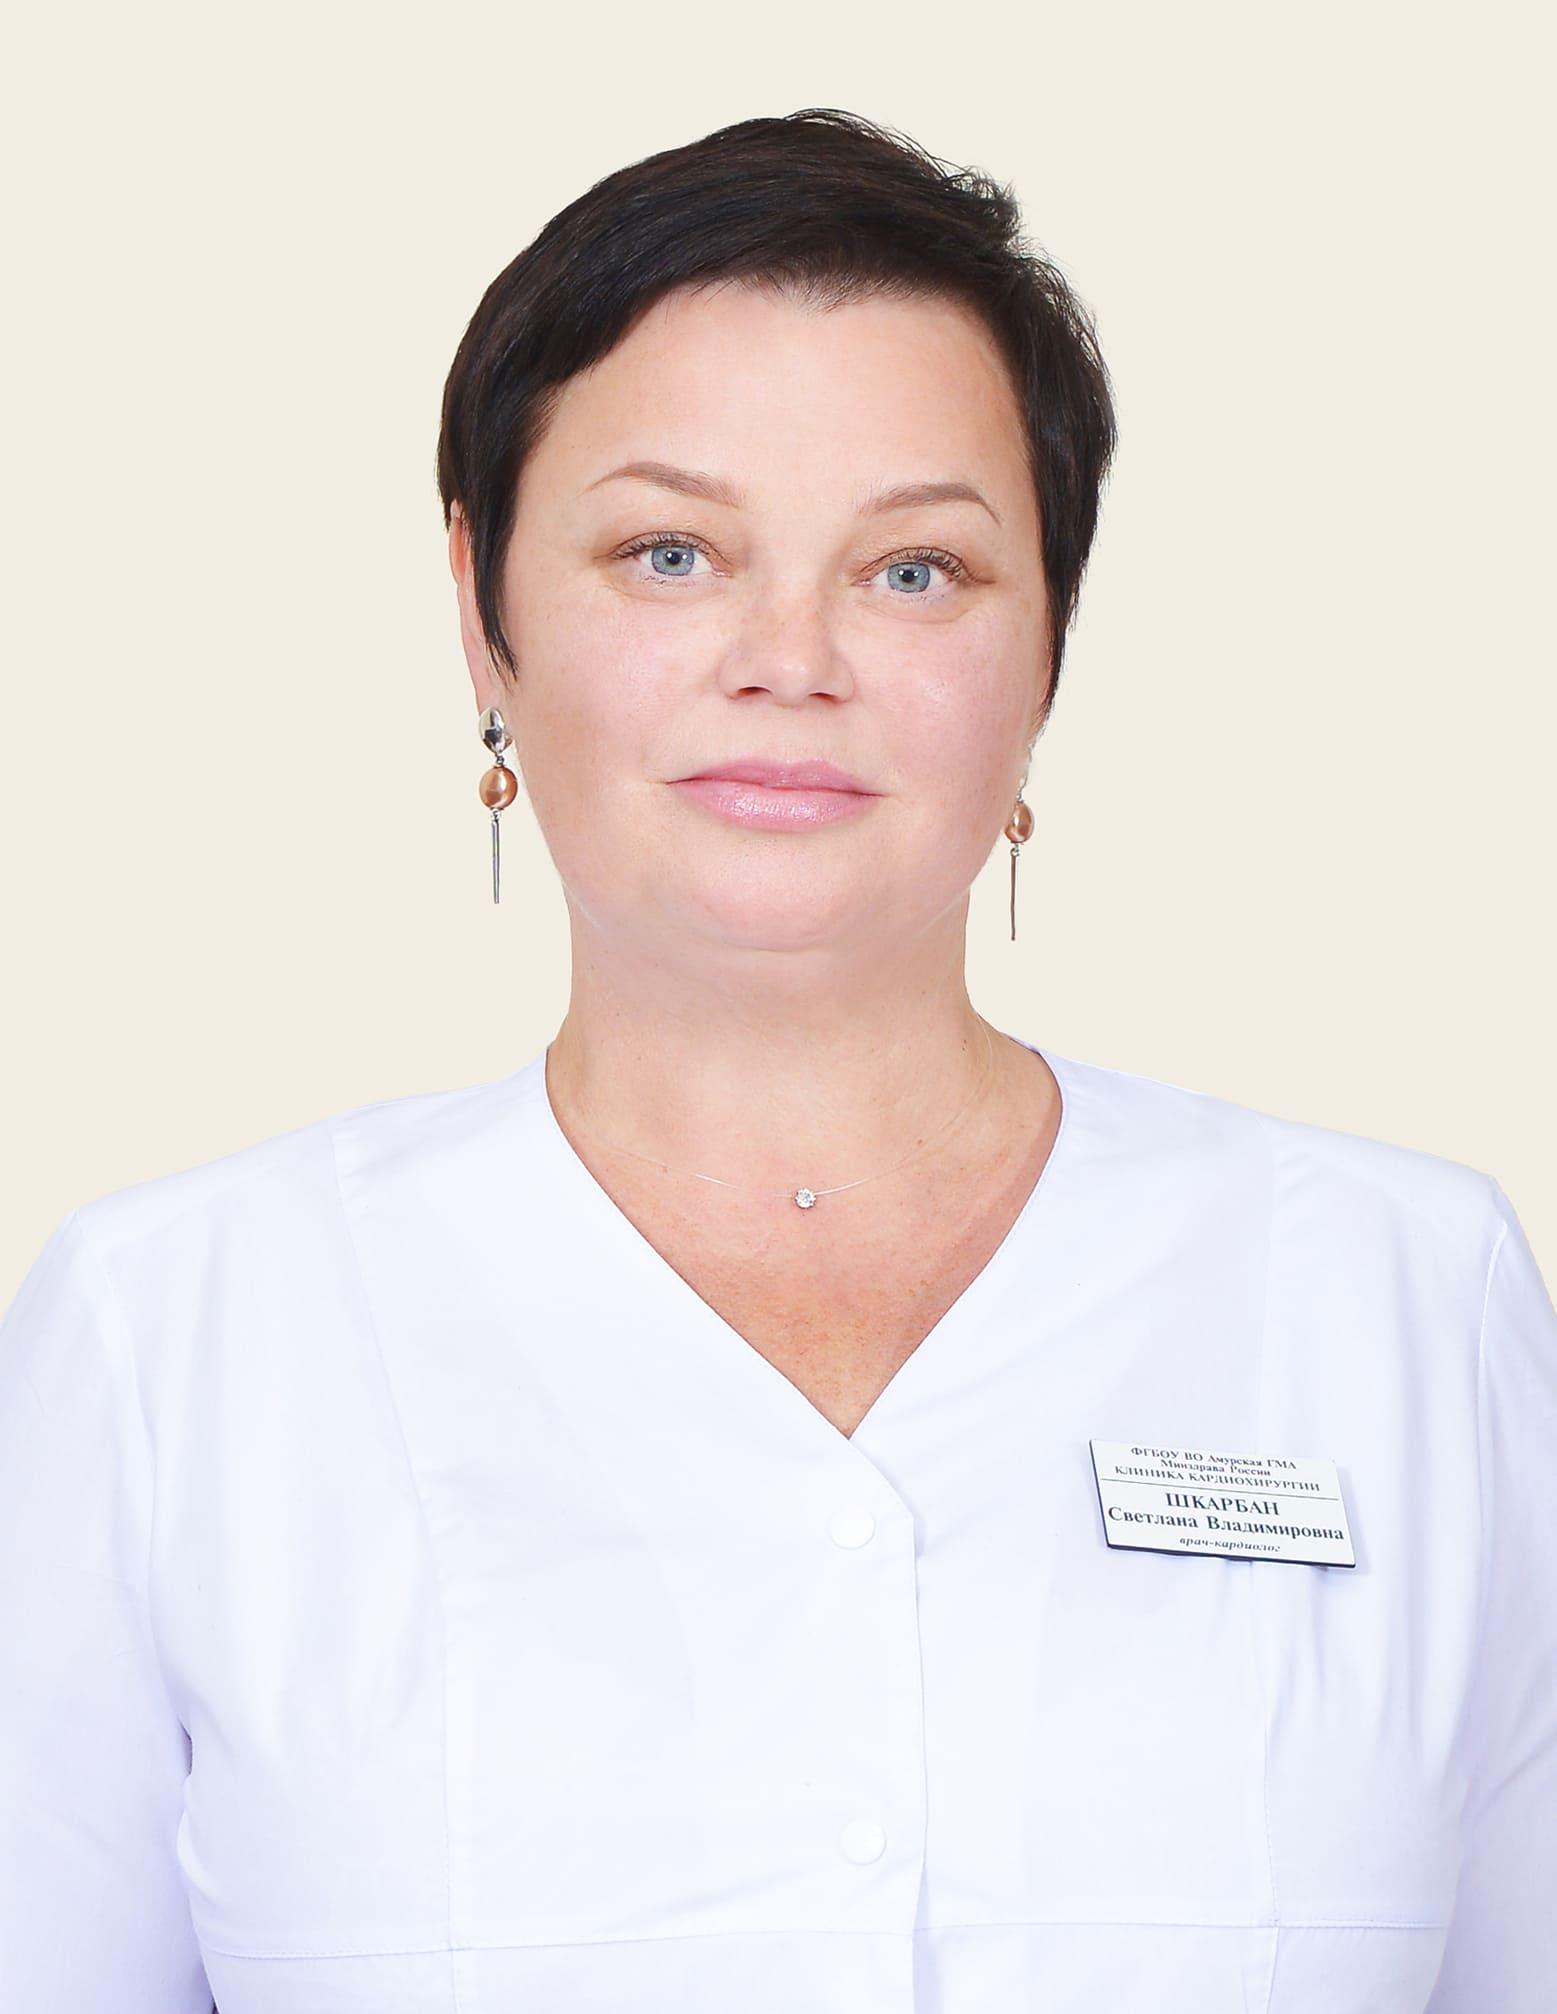 Шкарбан Светлана Владимировна